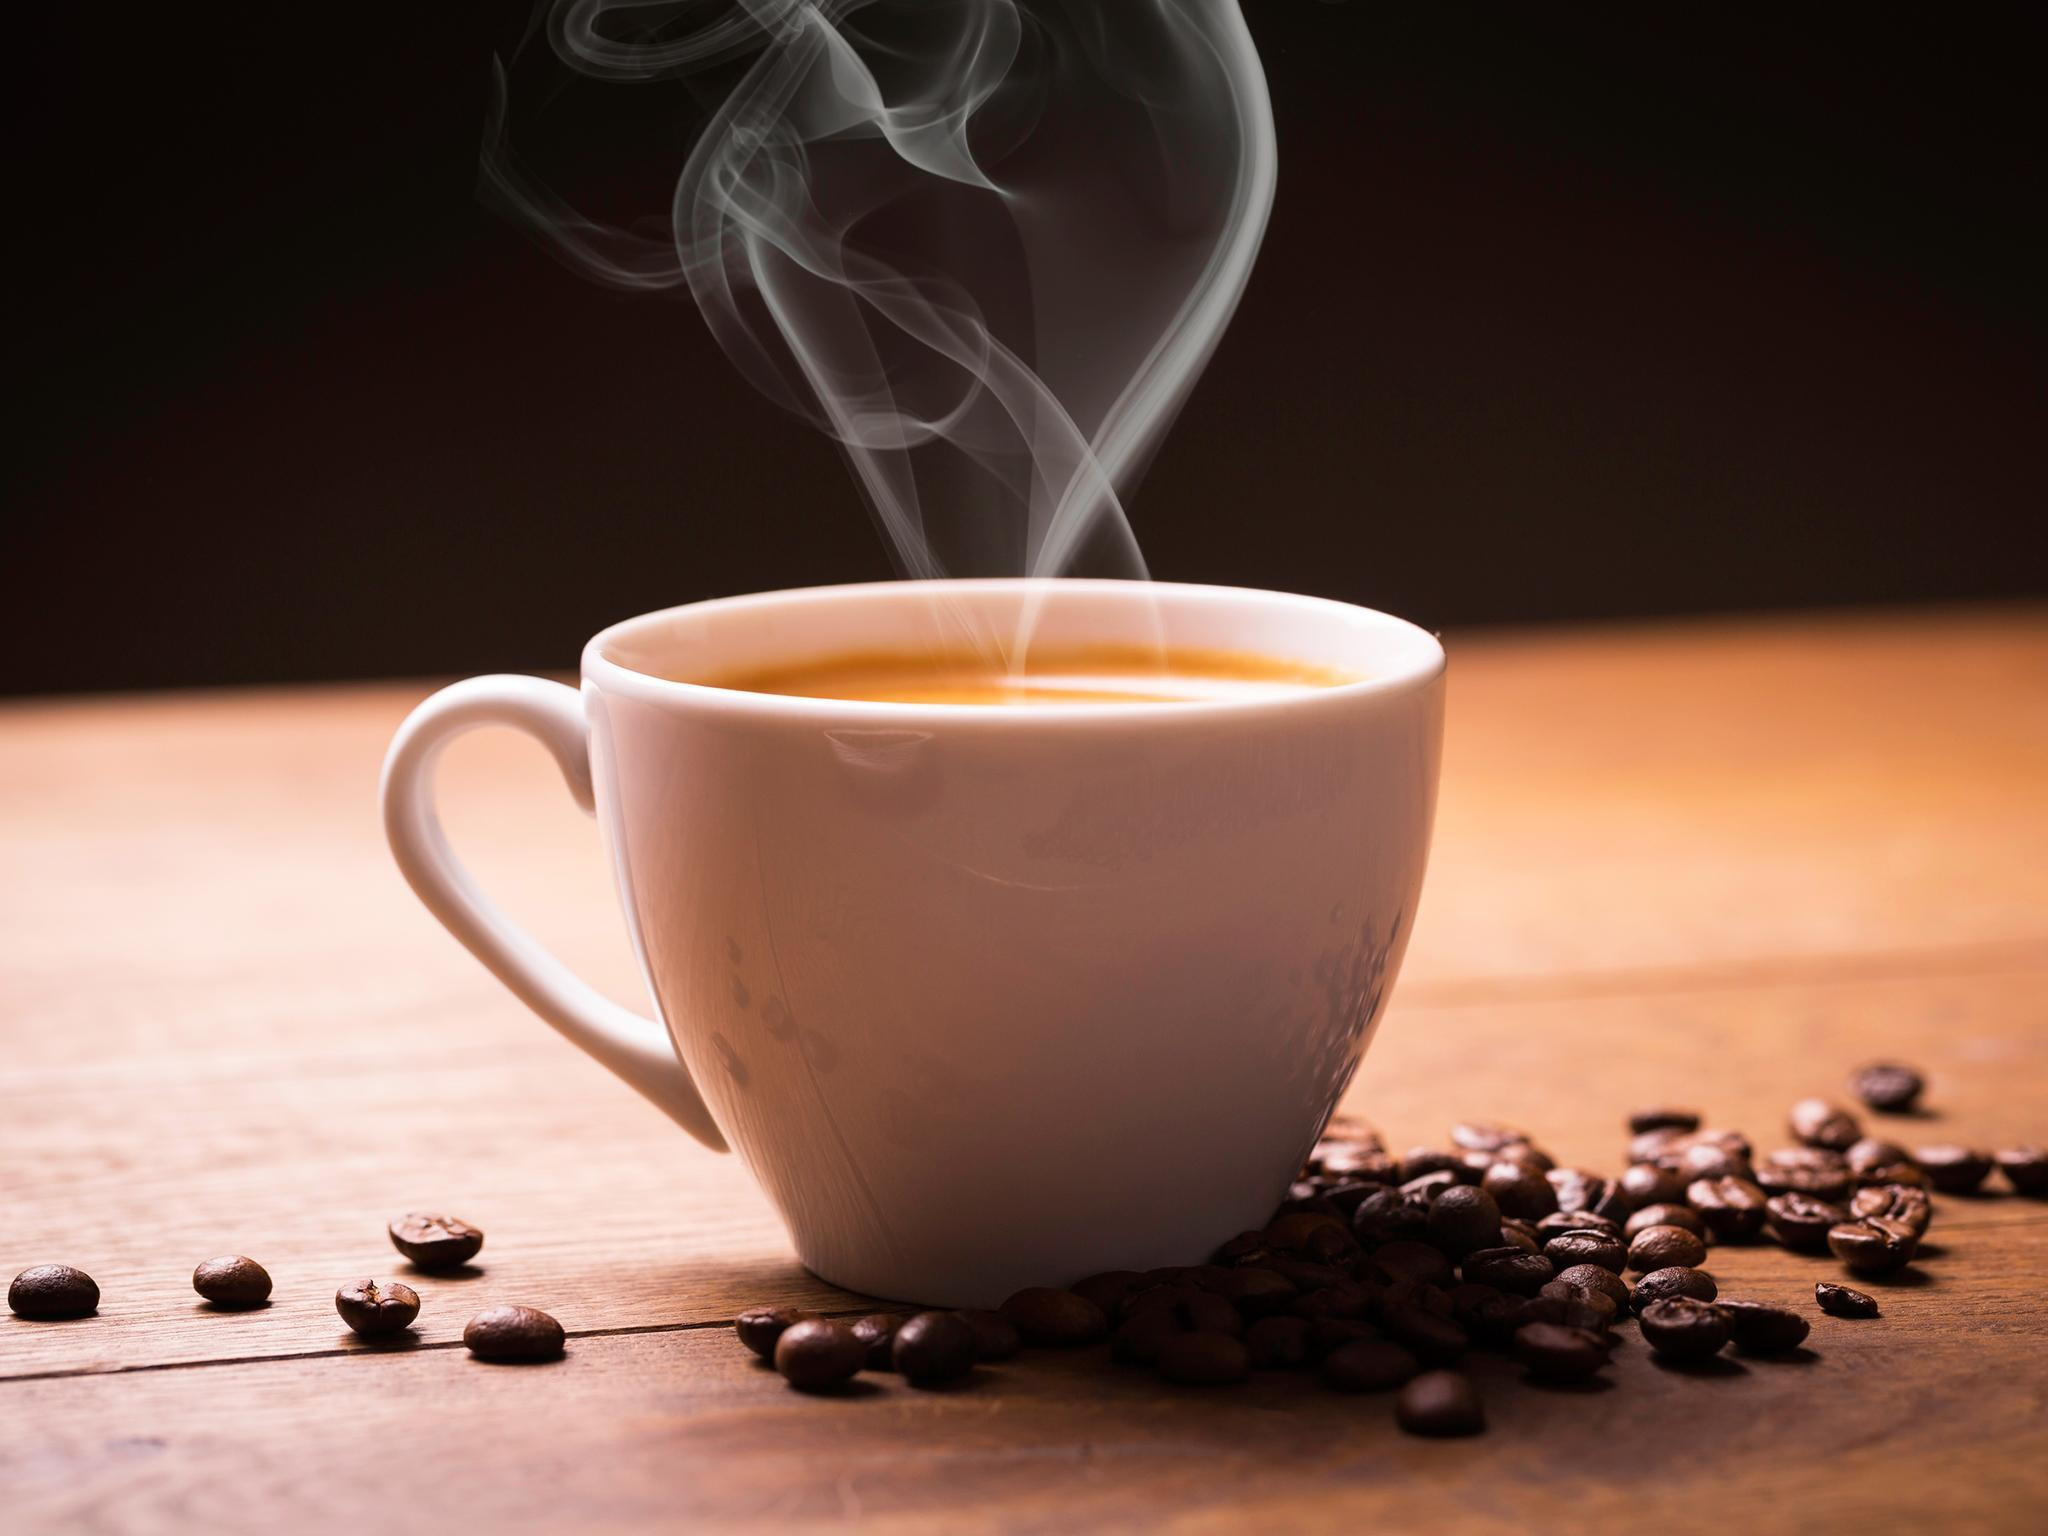 فوائد رائحة القهوة التي لا يعرفها الكثير 1